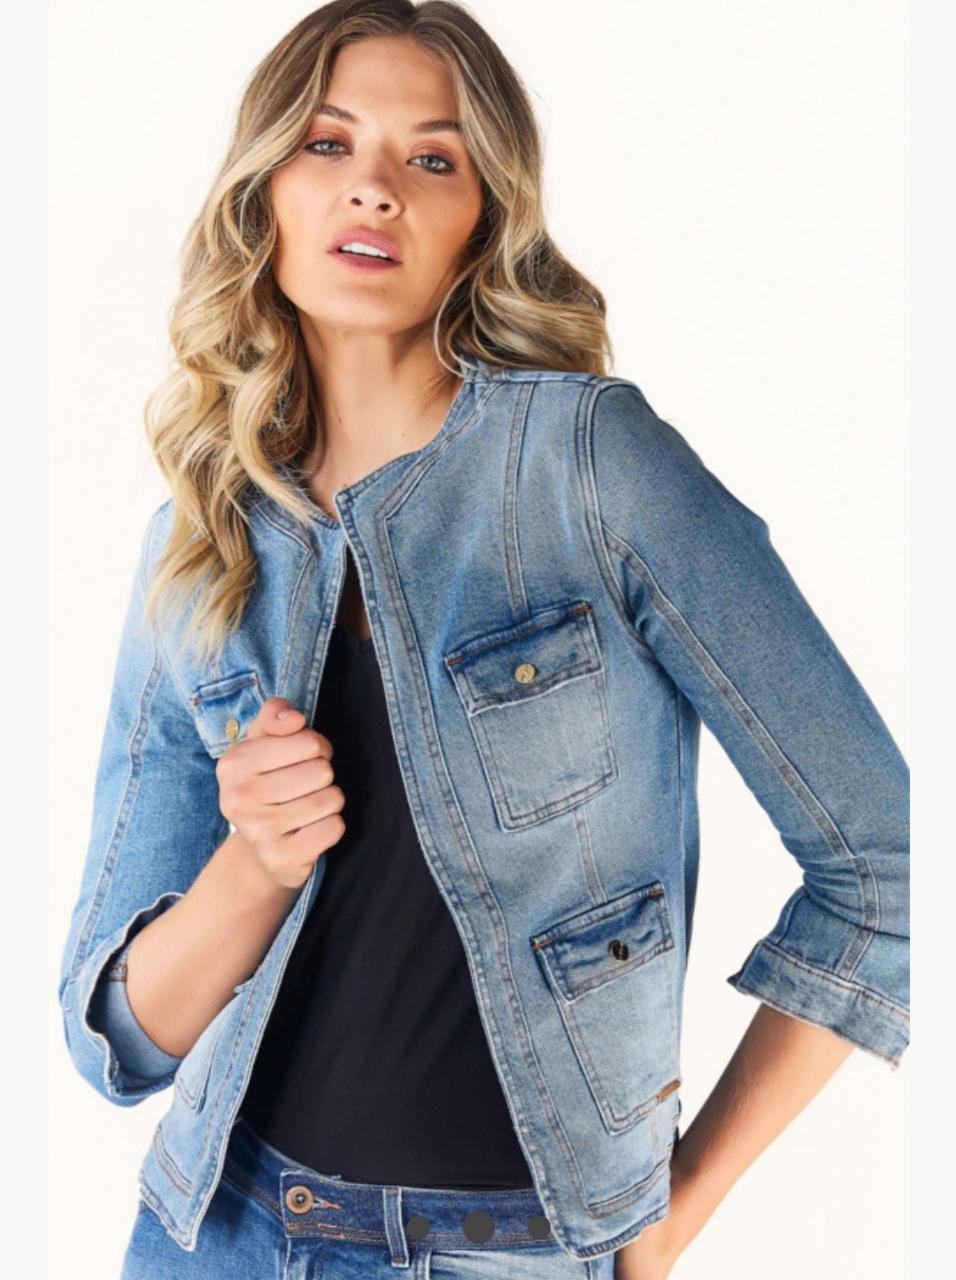 Jaqueta Casaqueto jeans Index